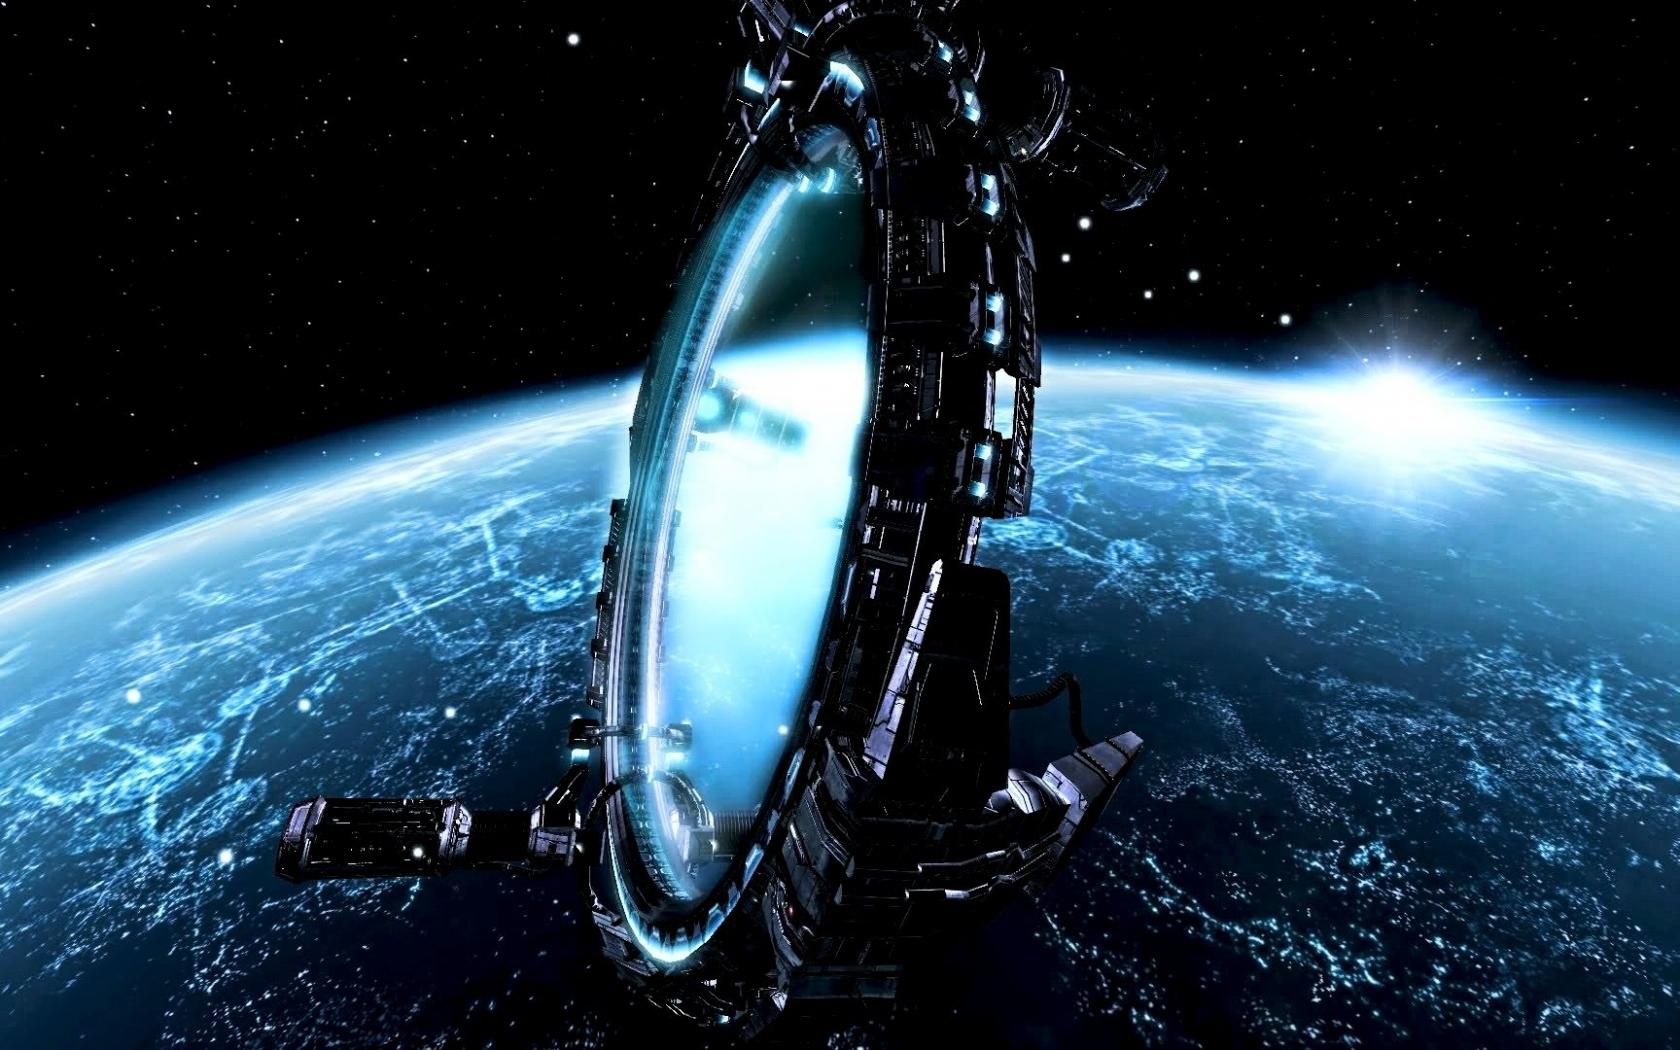 41664 免費下載壁紙 景观, 行星, 宇宙 屏保和圖片